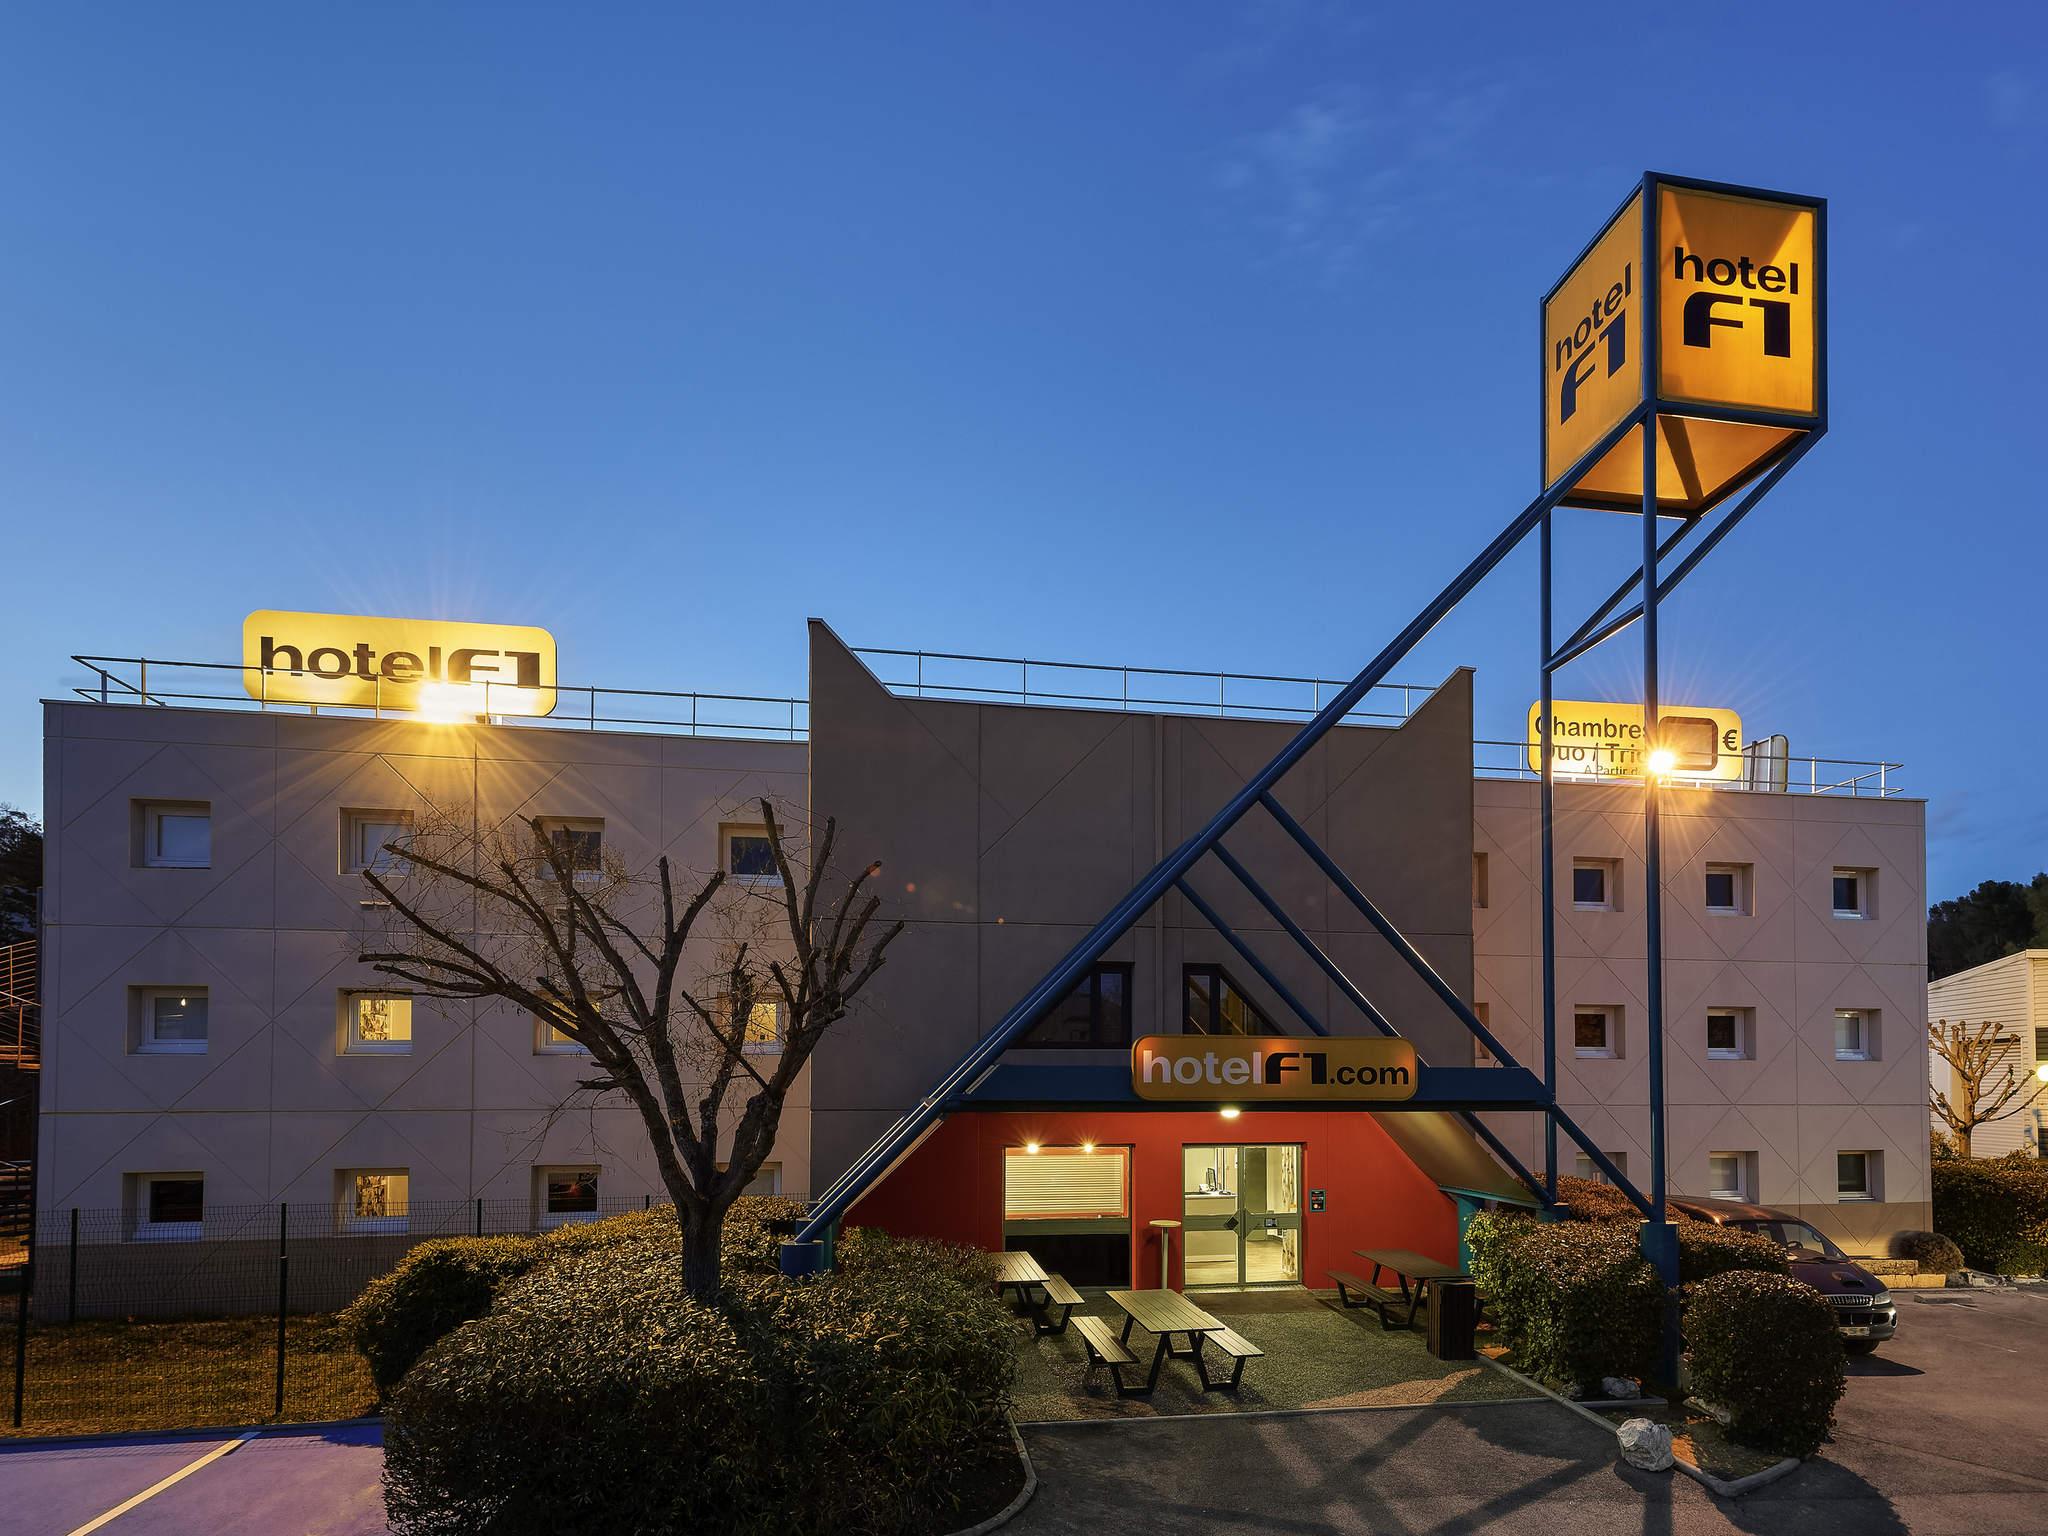 Hotel – hotelF1 Marsella Valentine